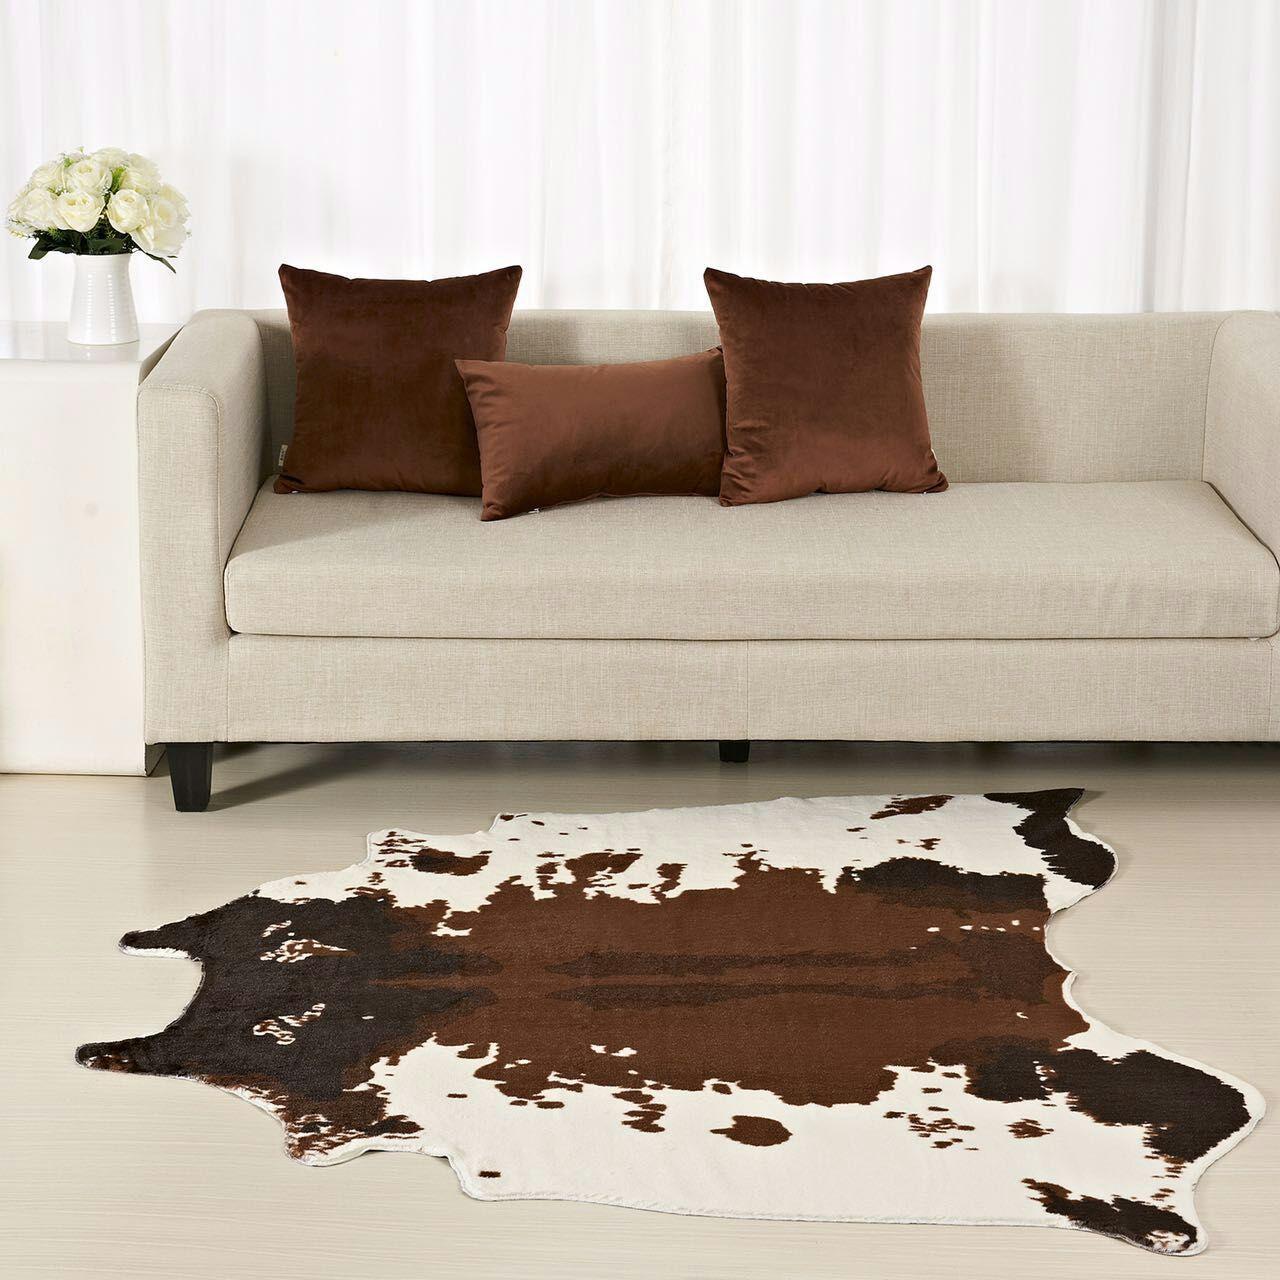 Vache laitière imprimé tapis 130X150 cm PV velours Imitation peaux tapis et tapis salon tapis de sol